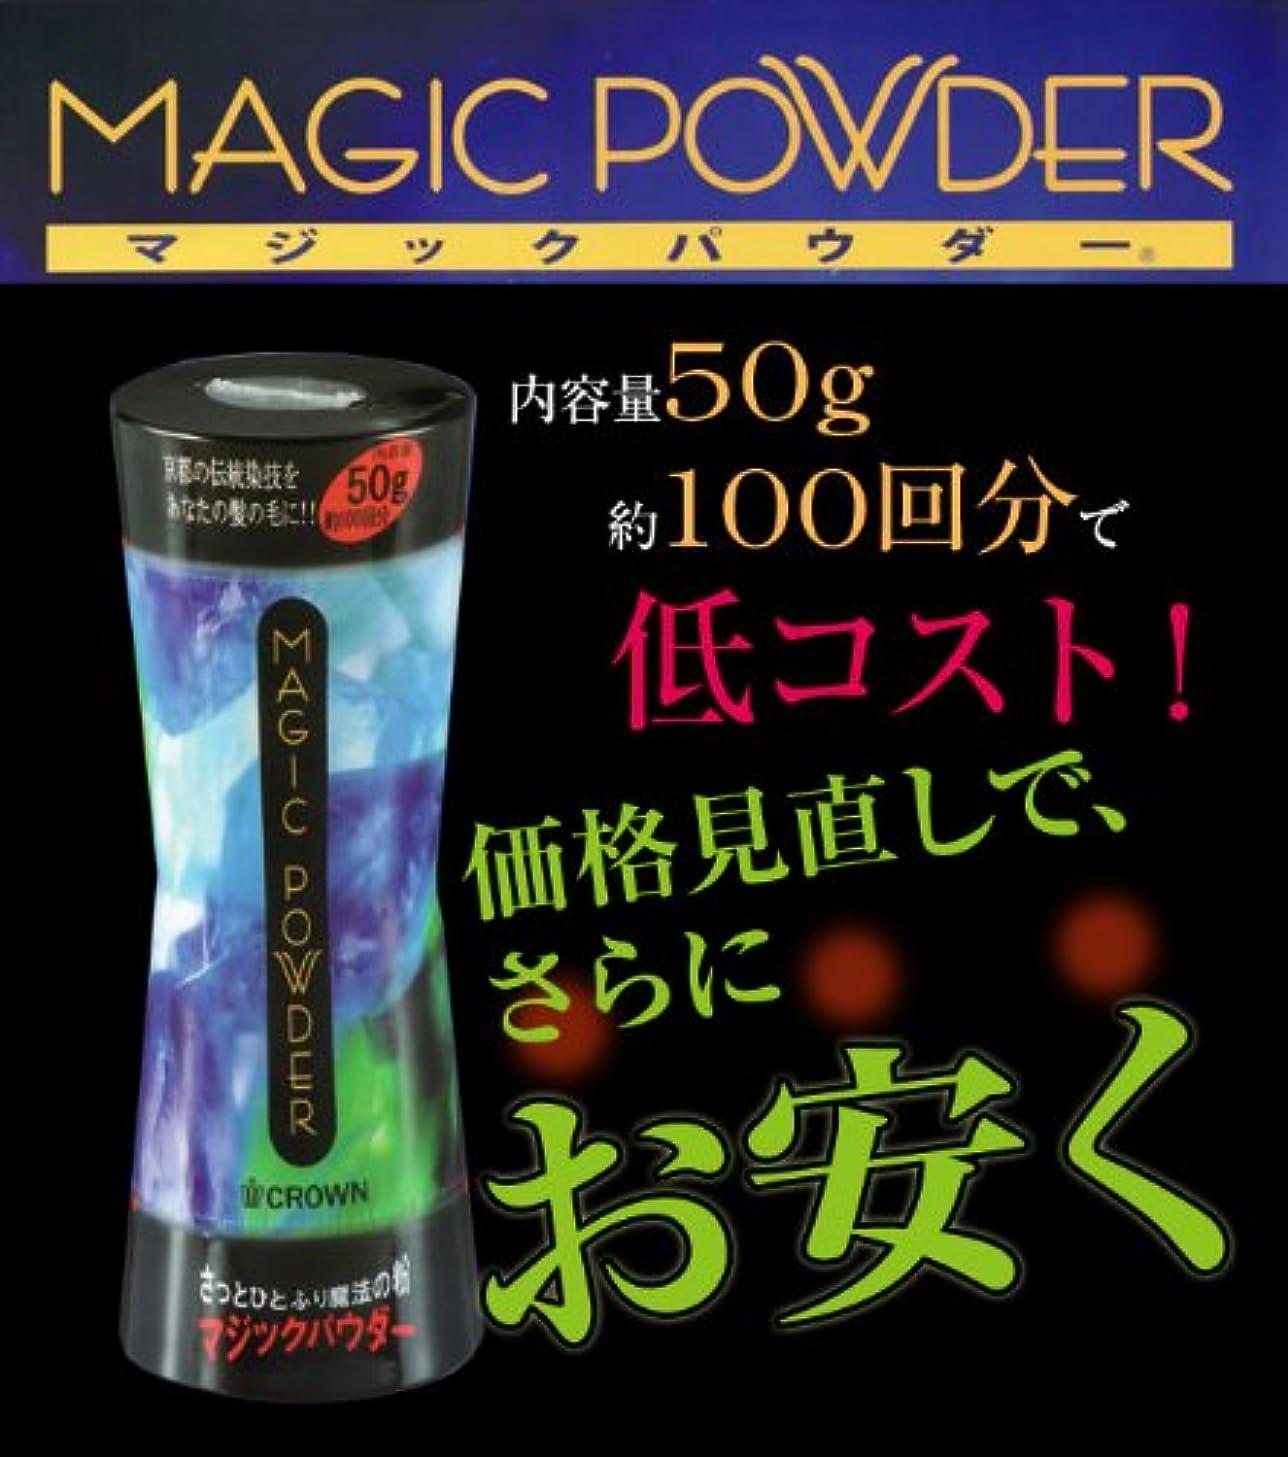 米ドル壊れた明らかマジックパウダー 50g 【ダークブラウン】【約100回分】【男女兼用】【MAGIC POWDER】薄毛隠し